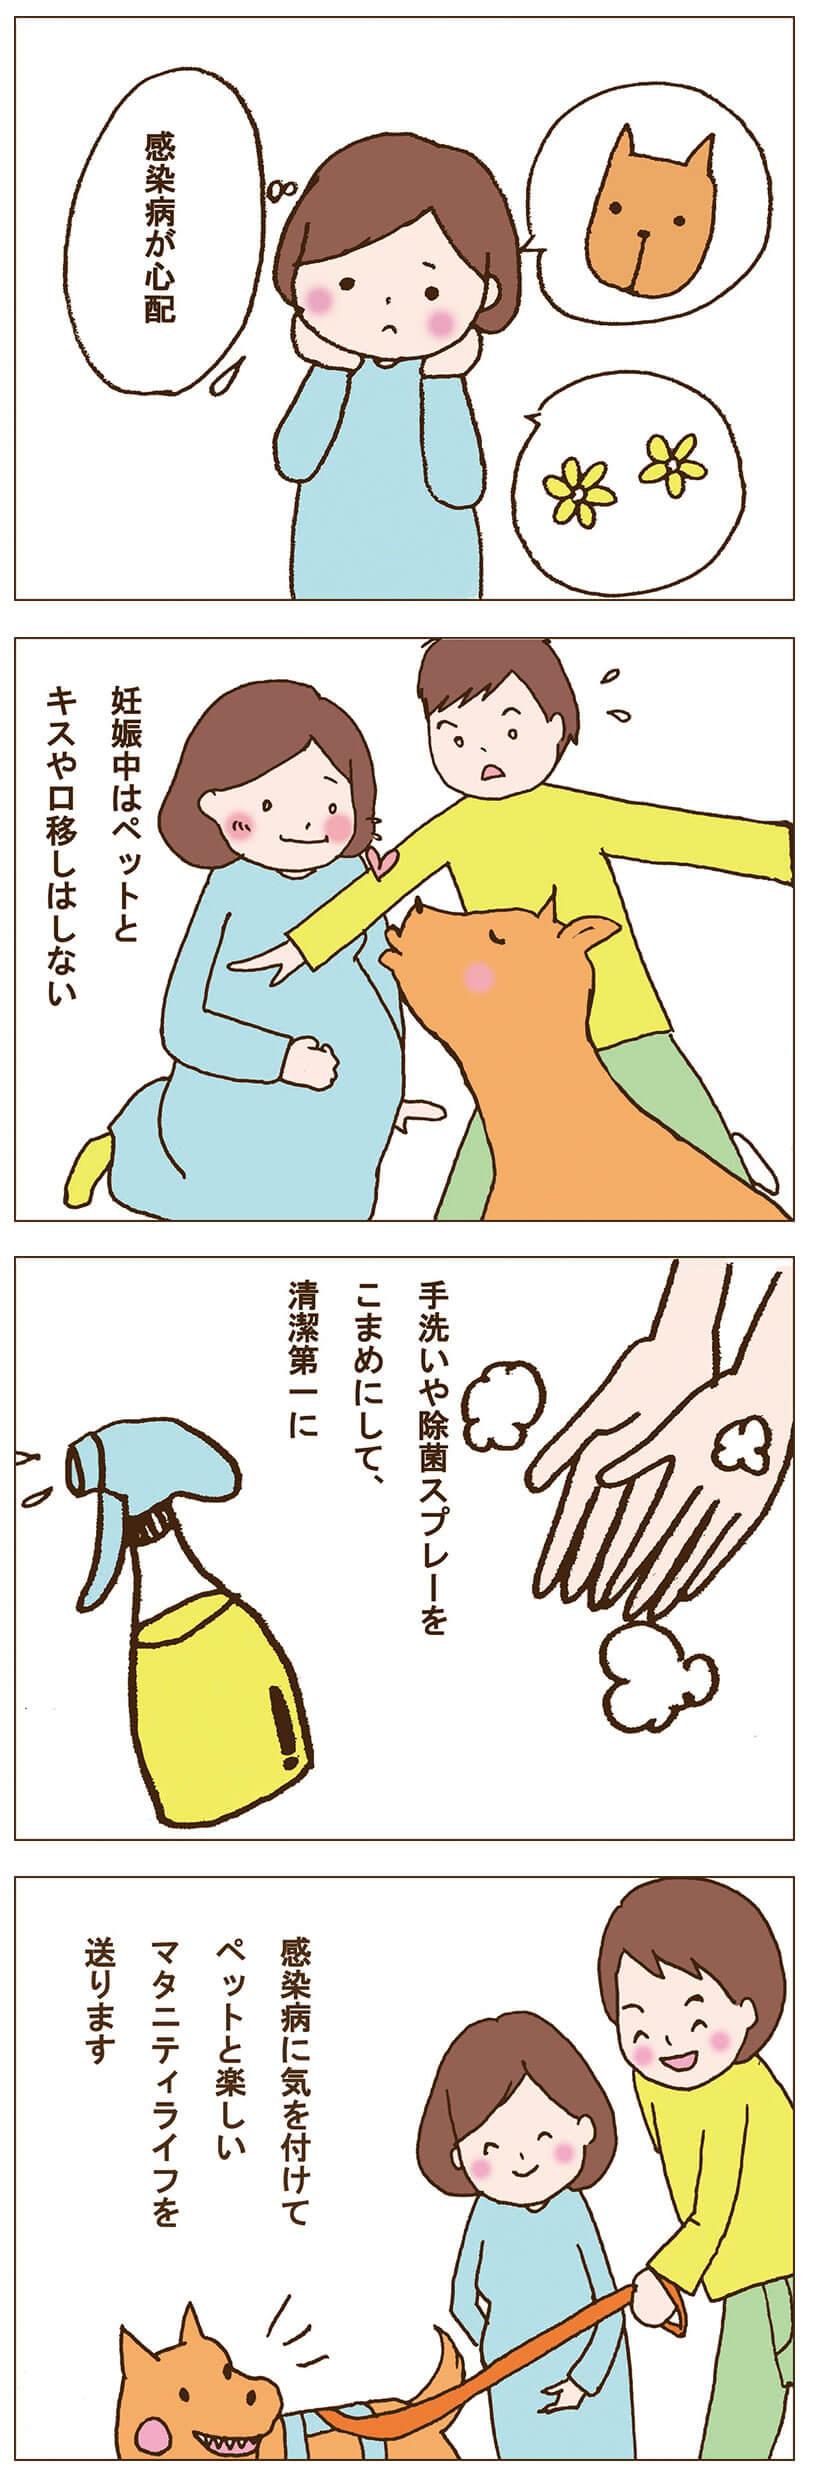 妊娠中のペット4コマ漫画